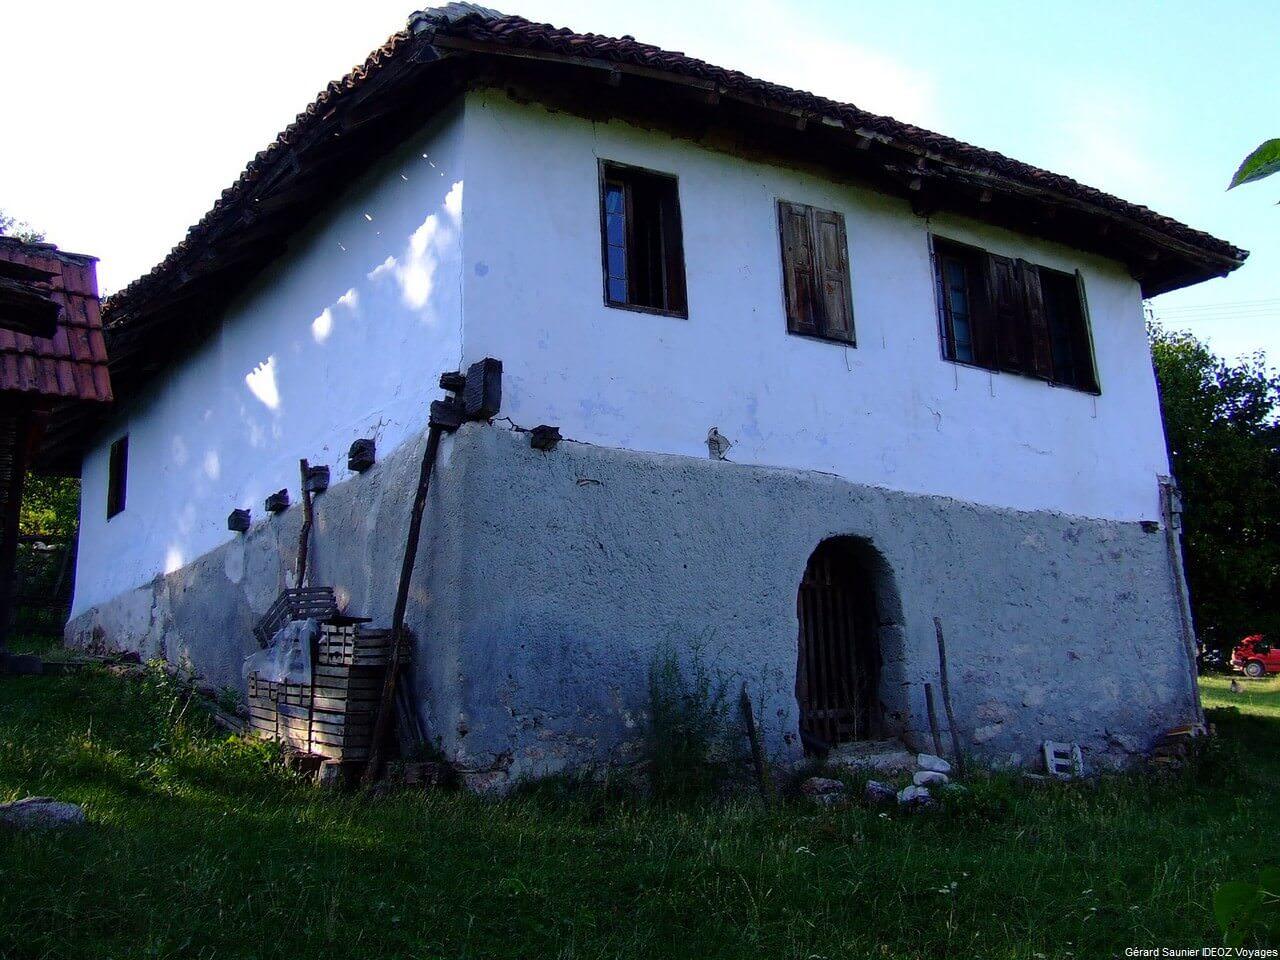 Rencontre inoubliable à Arilje en Serbie centrale : merveilleux souvenir 33